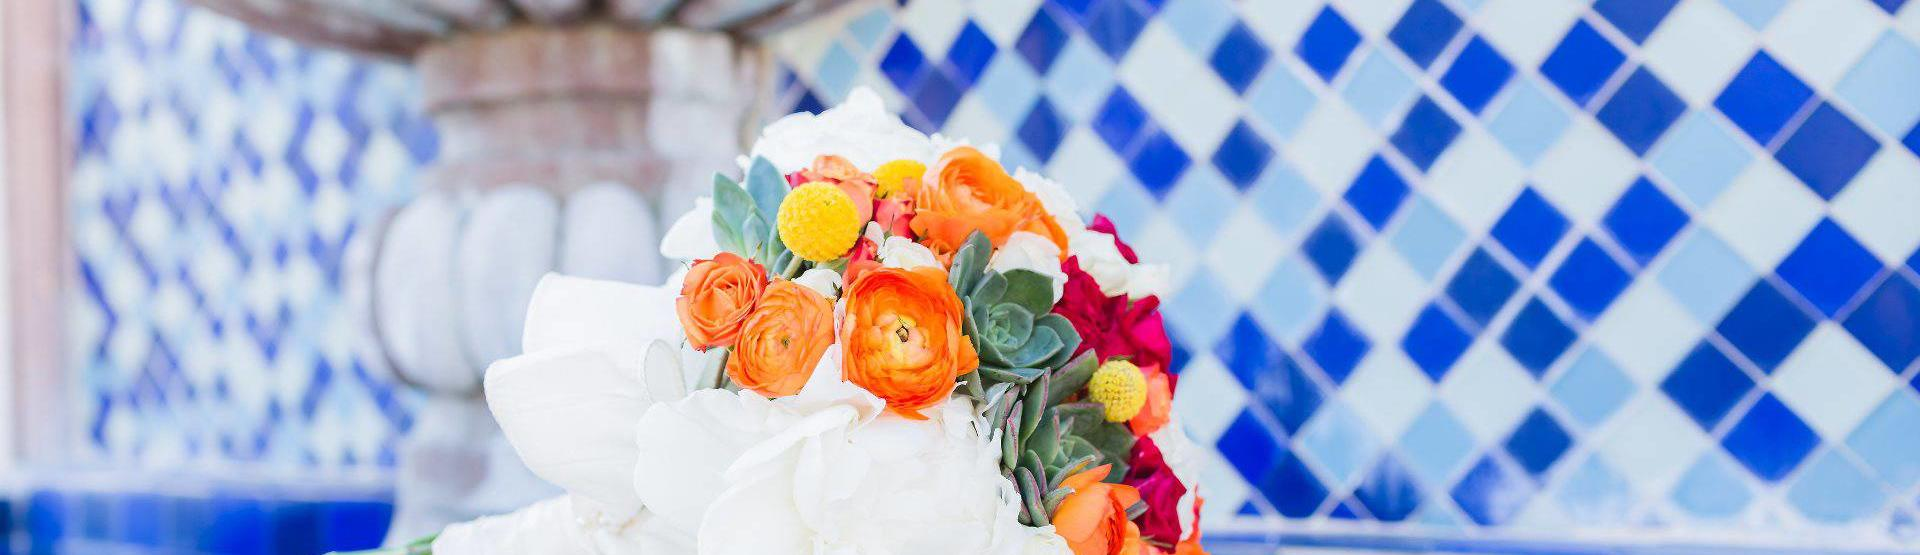 heatherdiego.wedding.monocleproject-435_1920x1080-2__hero.jpg